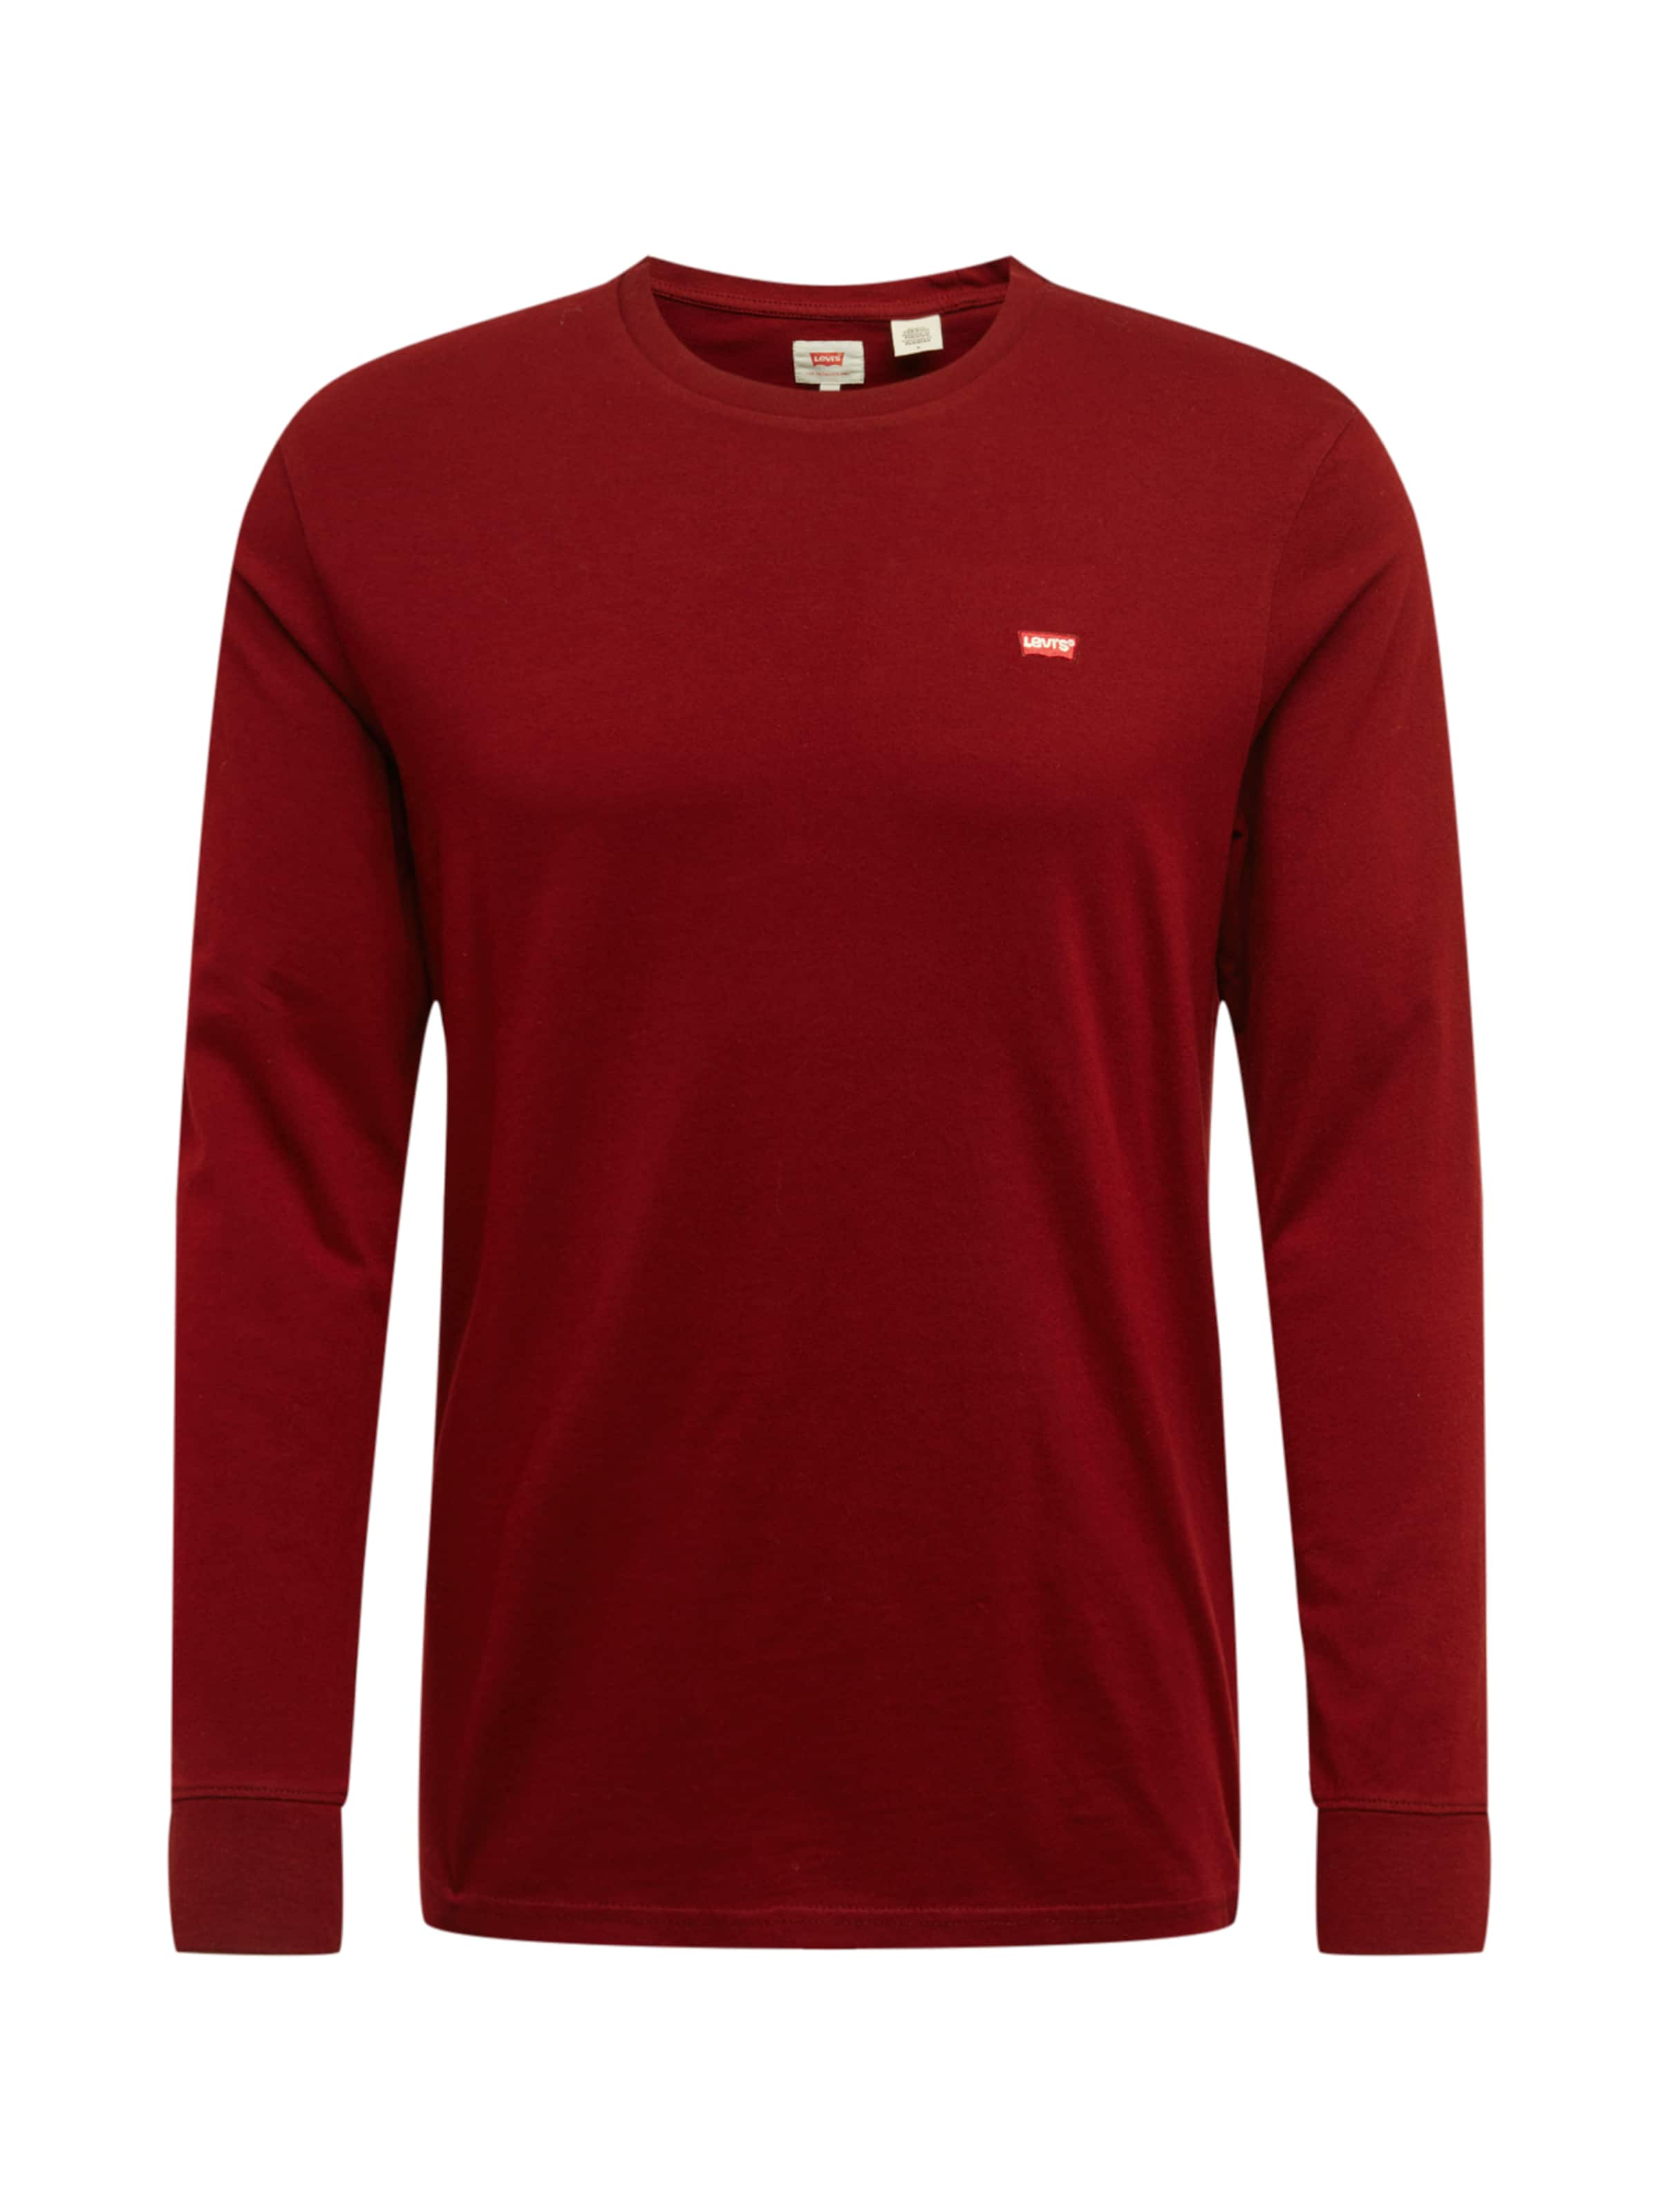 Lie De T shirt Levi's Vin En wymONv8n0